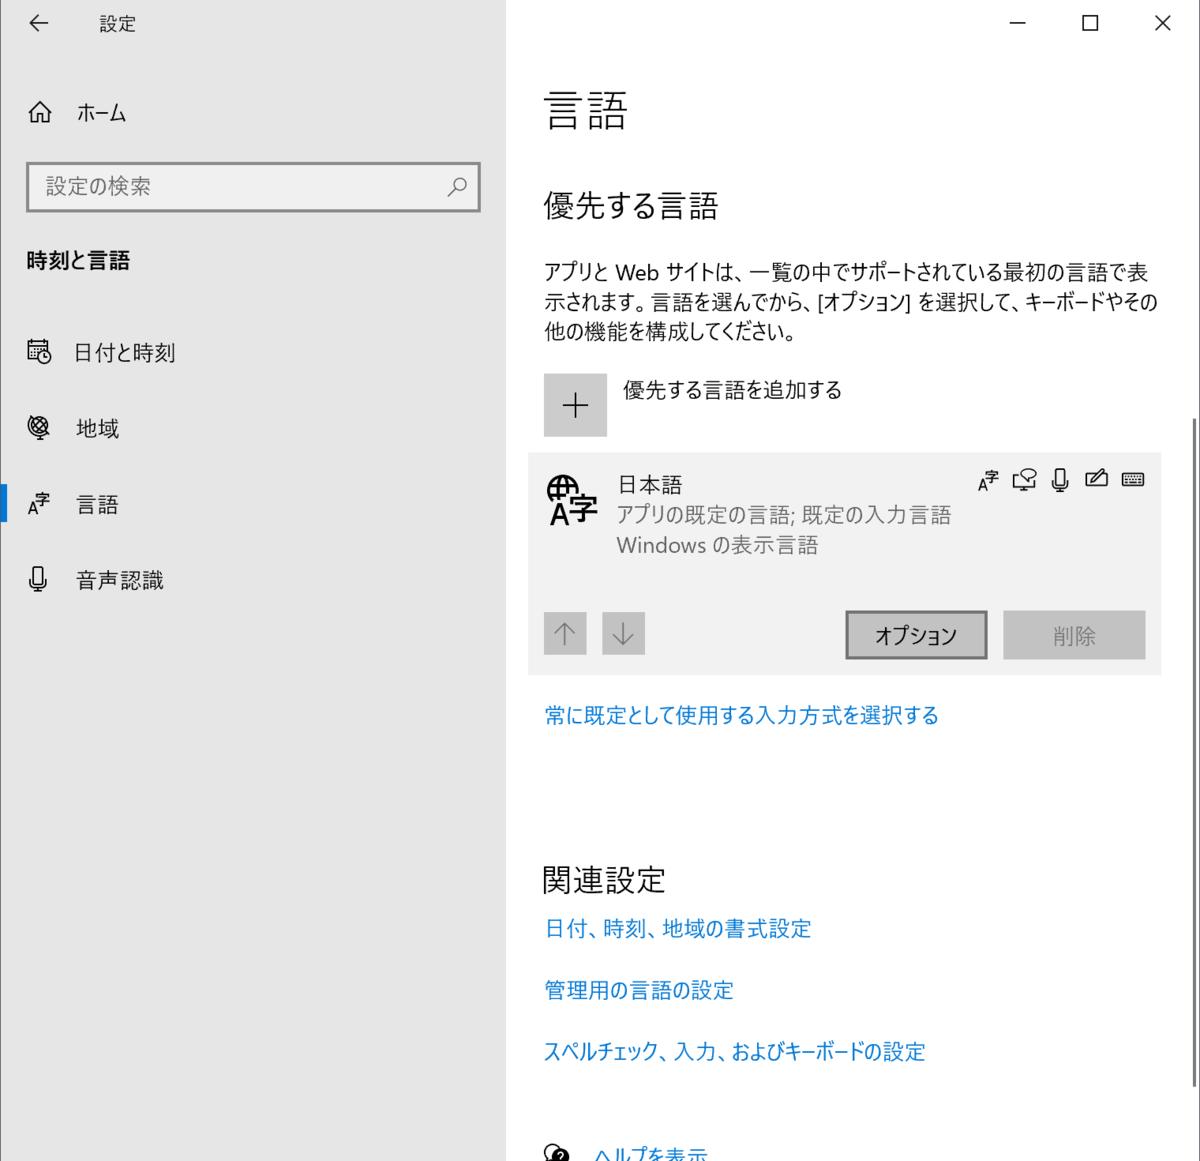 f:id:masatora_bd5:20200822090400p:plain